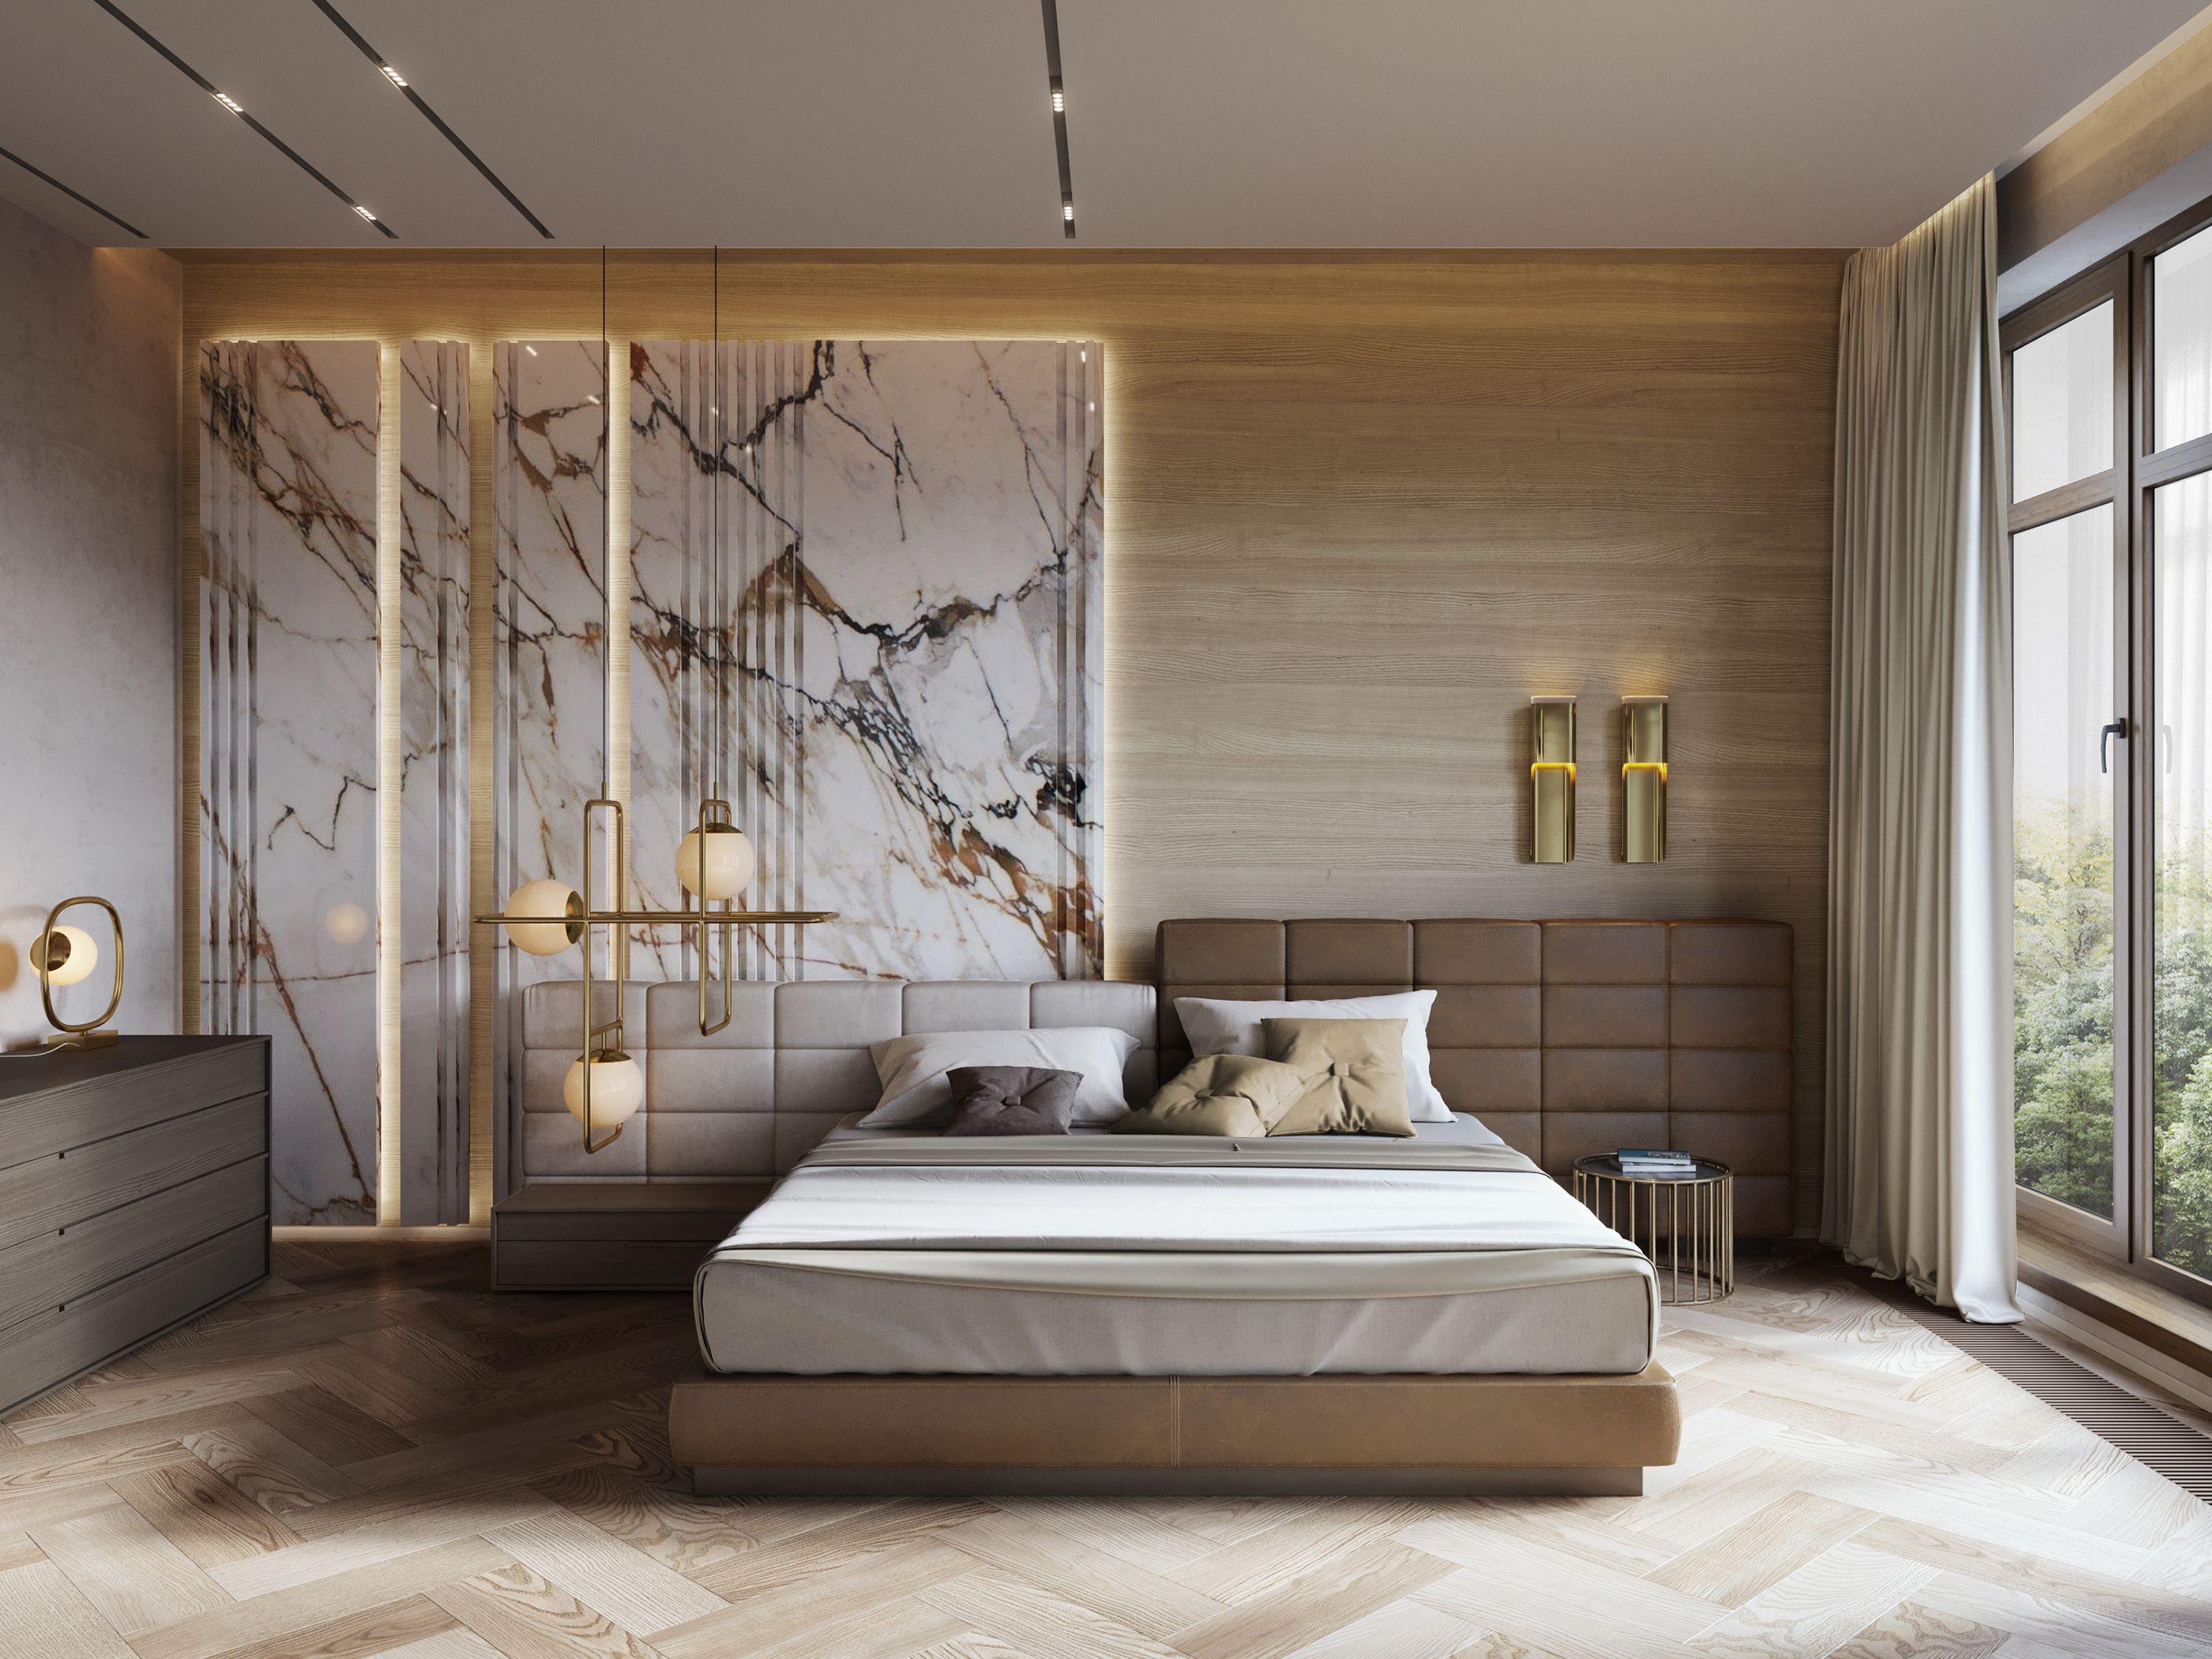 Einzel-schlafzimmer-wohndesign latest bedroom remodel  june  bedroomremodelideas  master